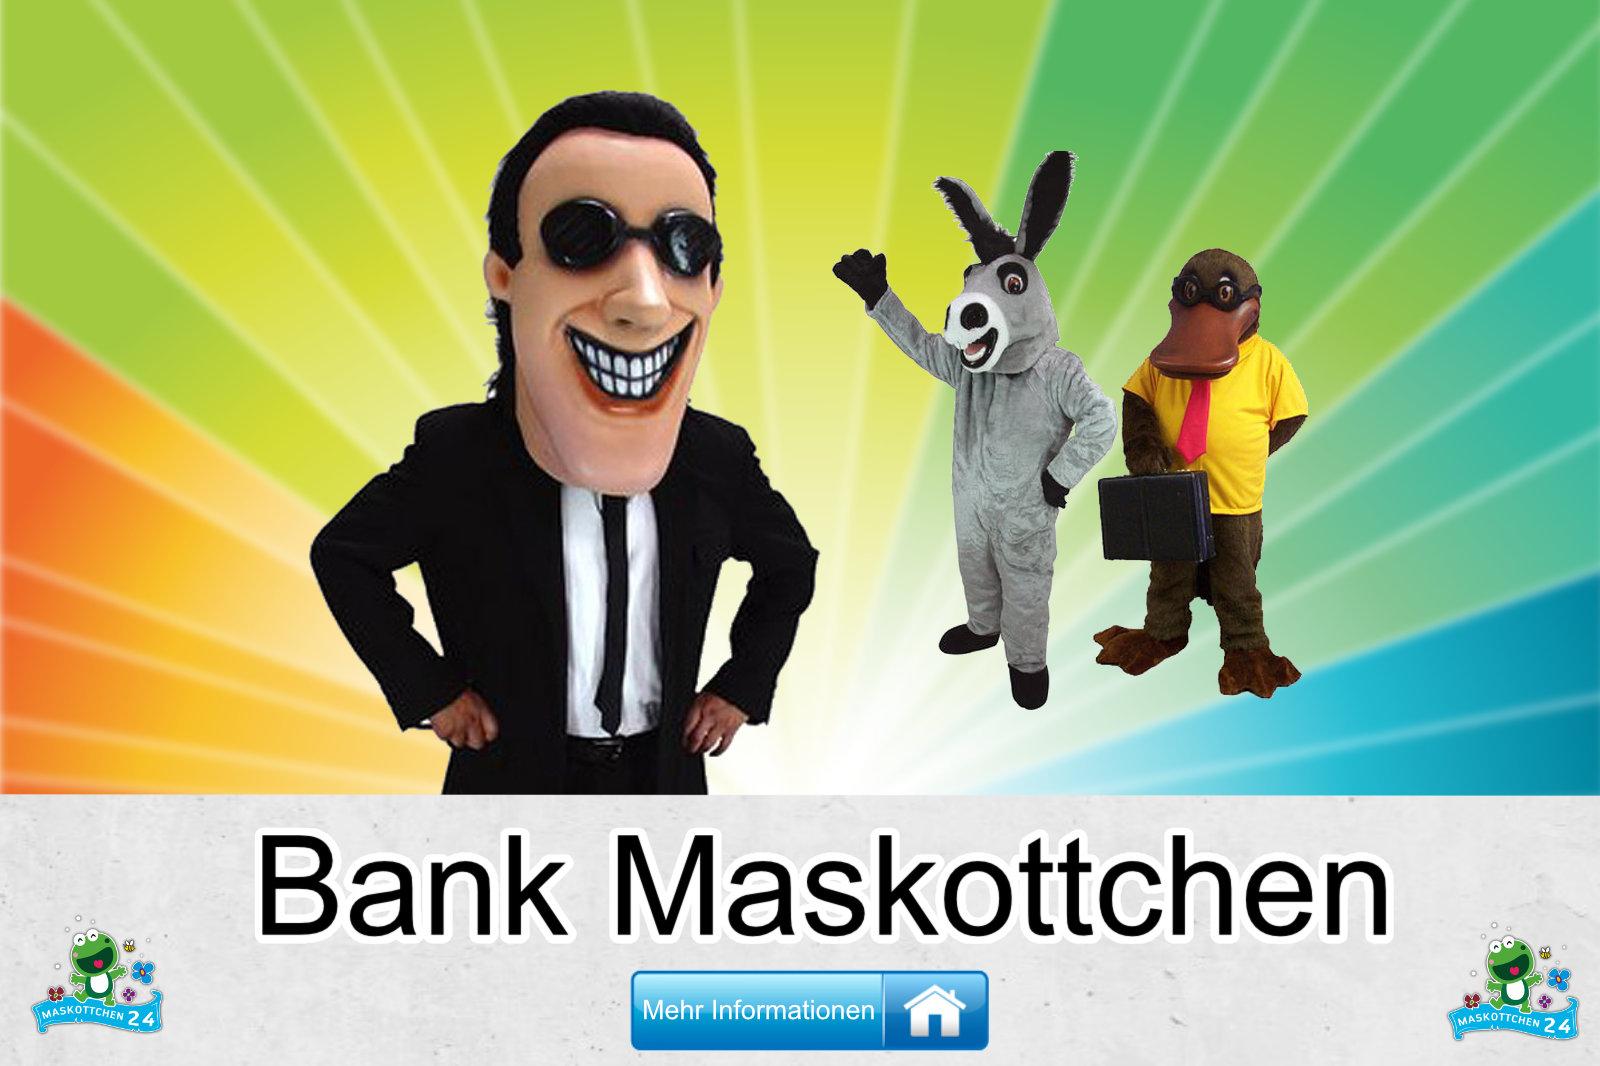 Kostüm Maskottchen Günstig-Kaufen Produktion Bank